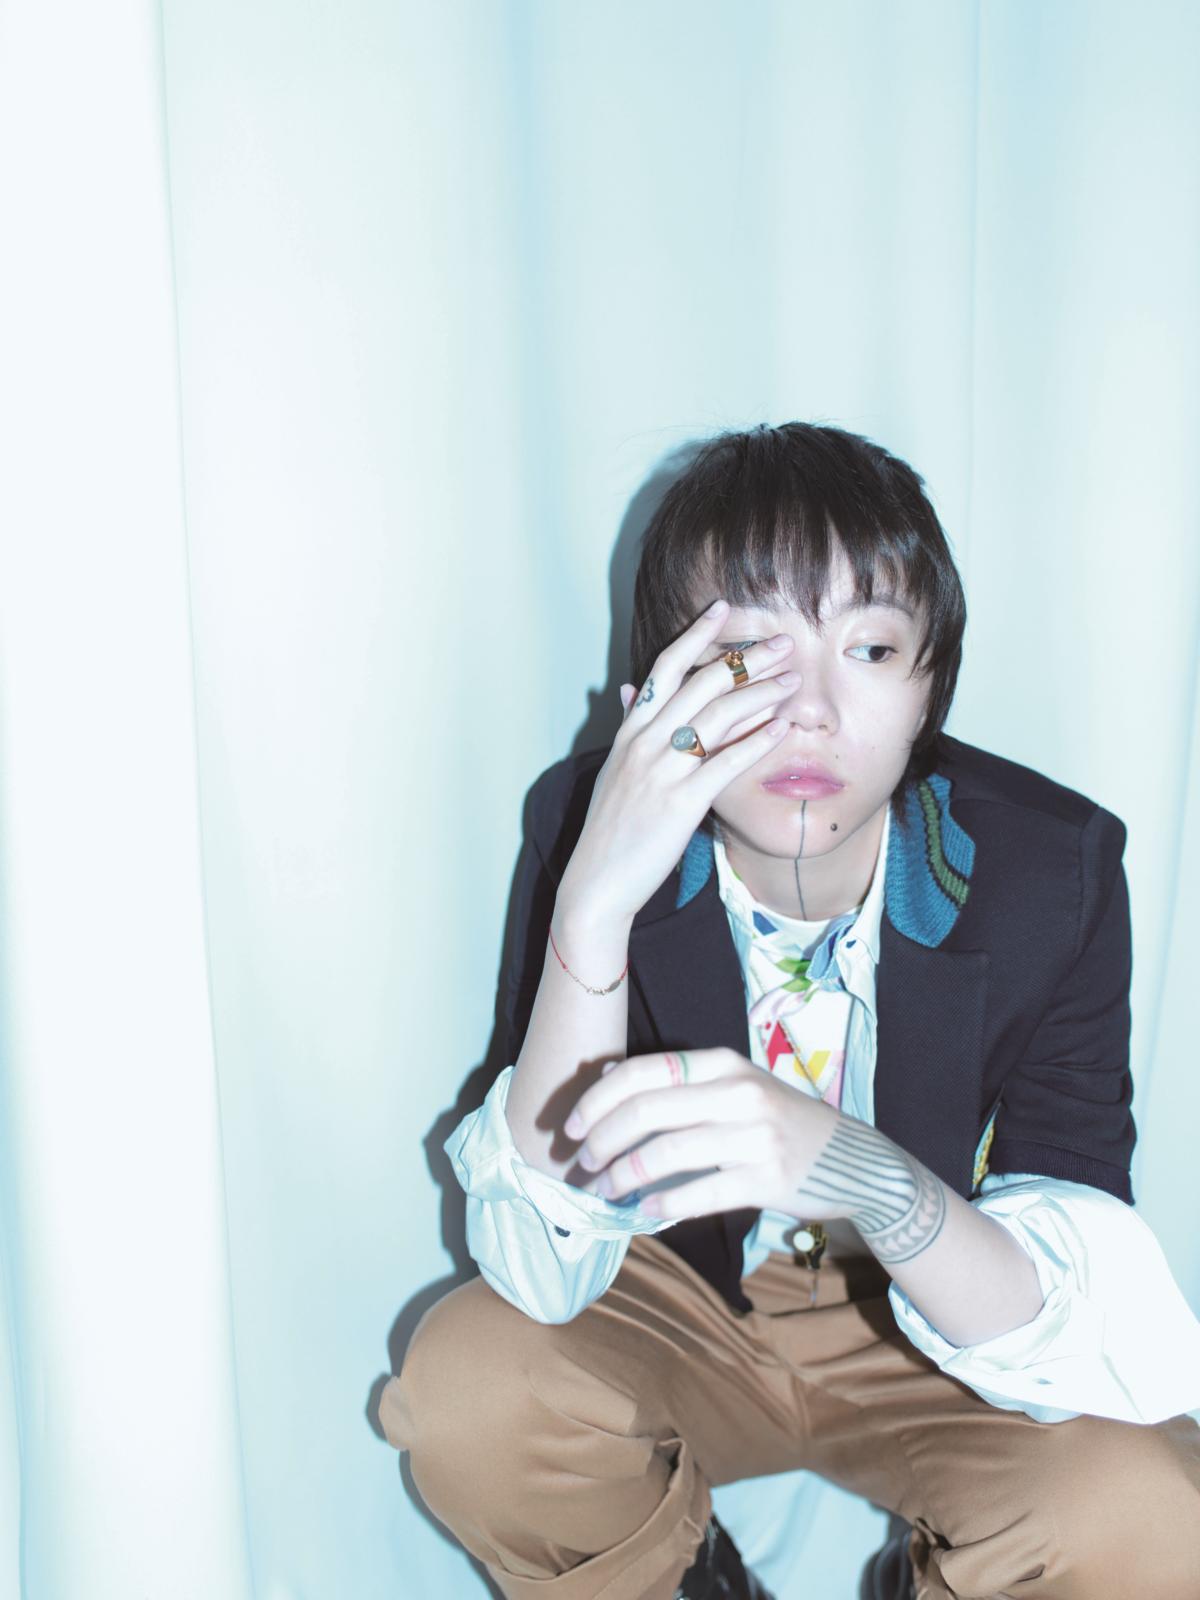 竇靖童推出第二張數位新專輯《Kids Only》,曲風更為隨性自由充滿個人風格。(Katie Chan Productions Co Ltd 提供)